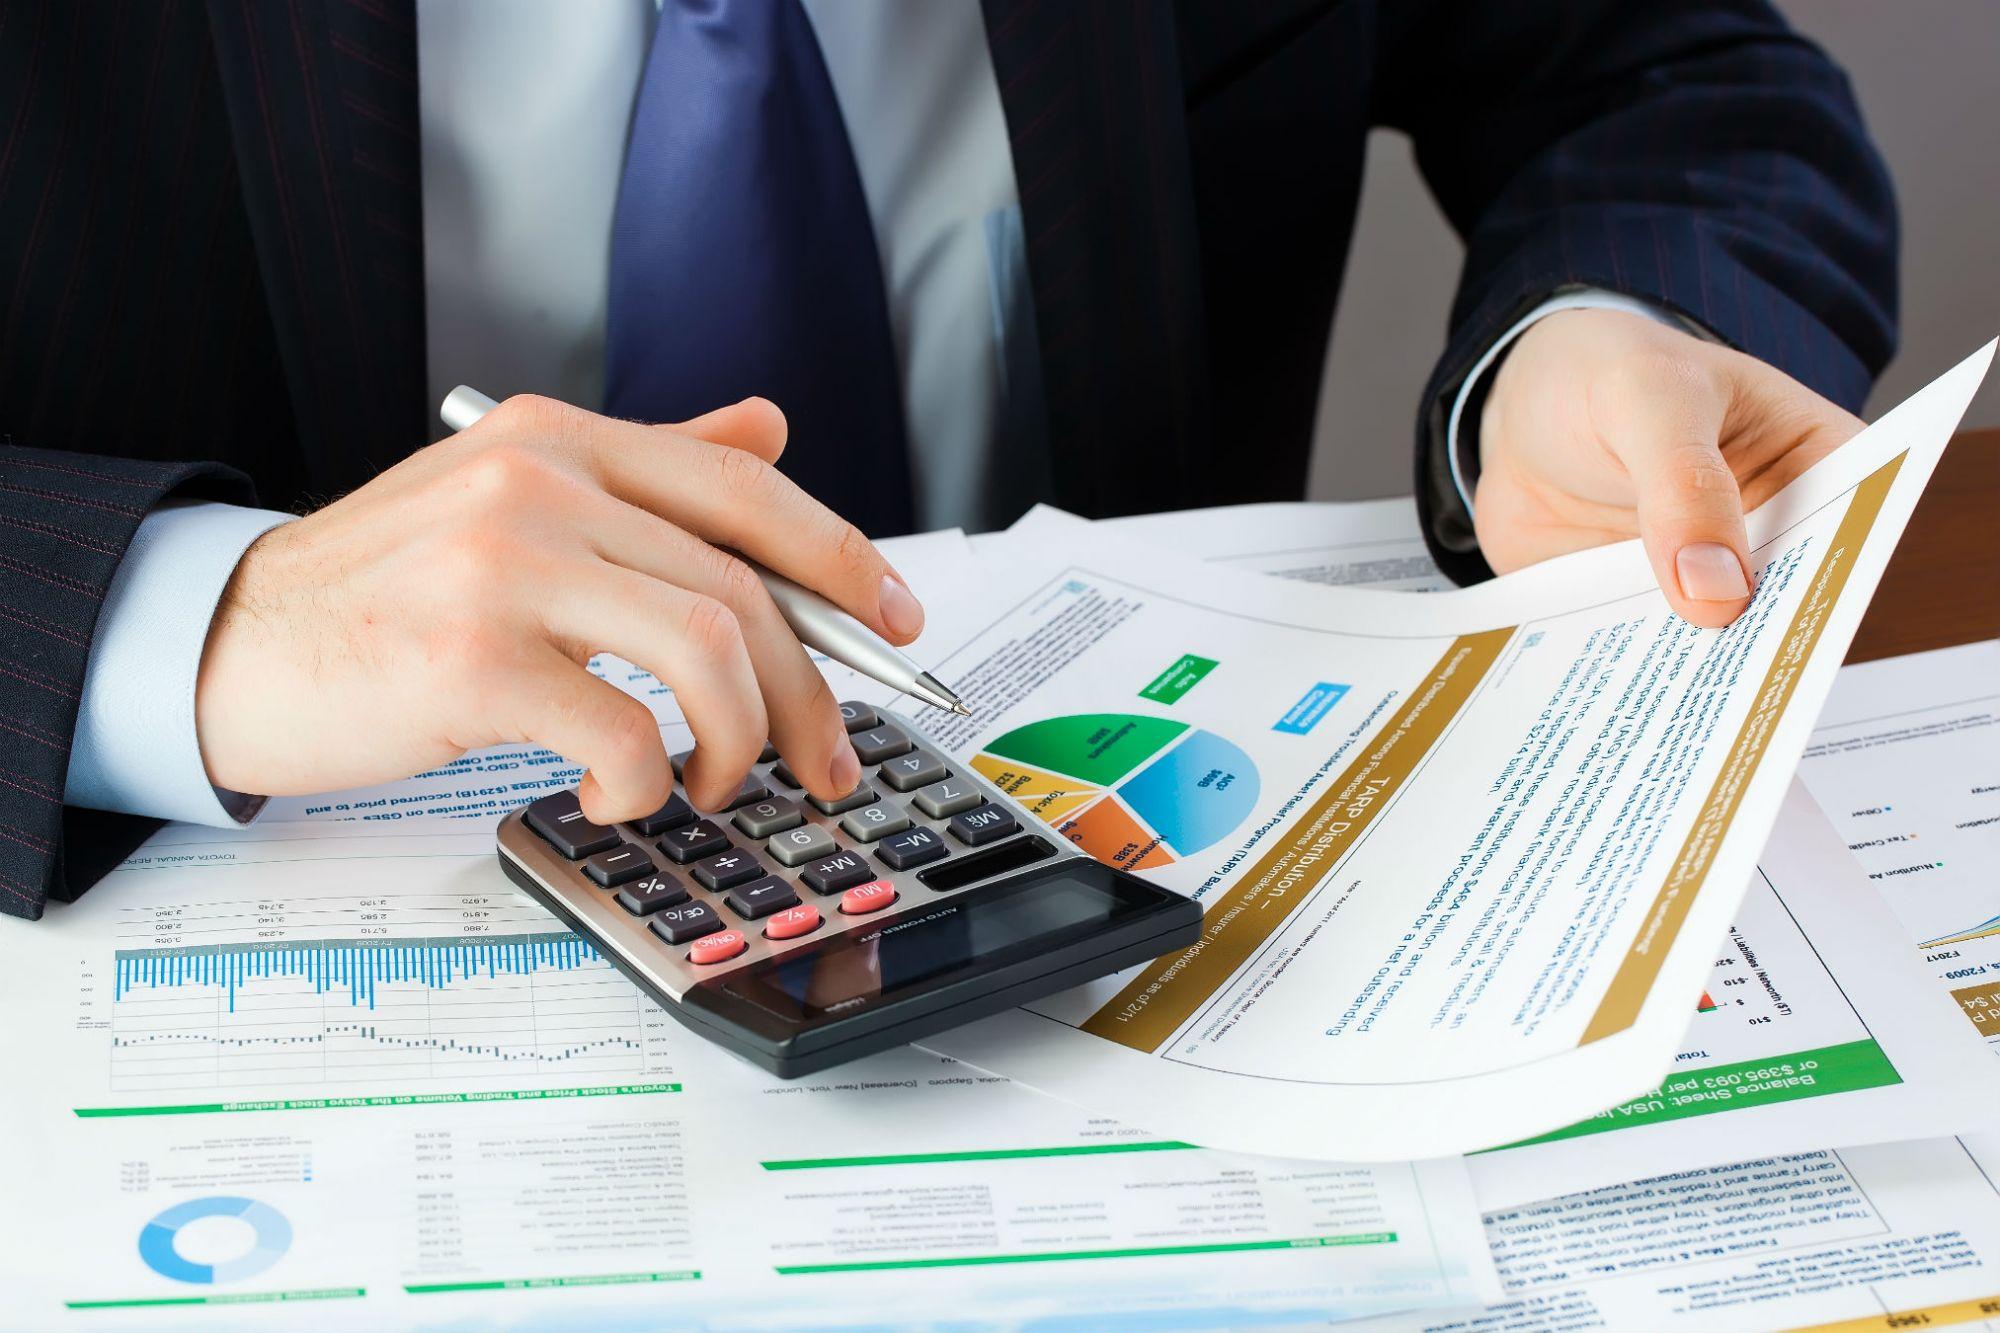 Amigo Financiero de BANRURAL participa en la Global Money Week 2021. imagen